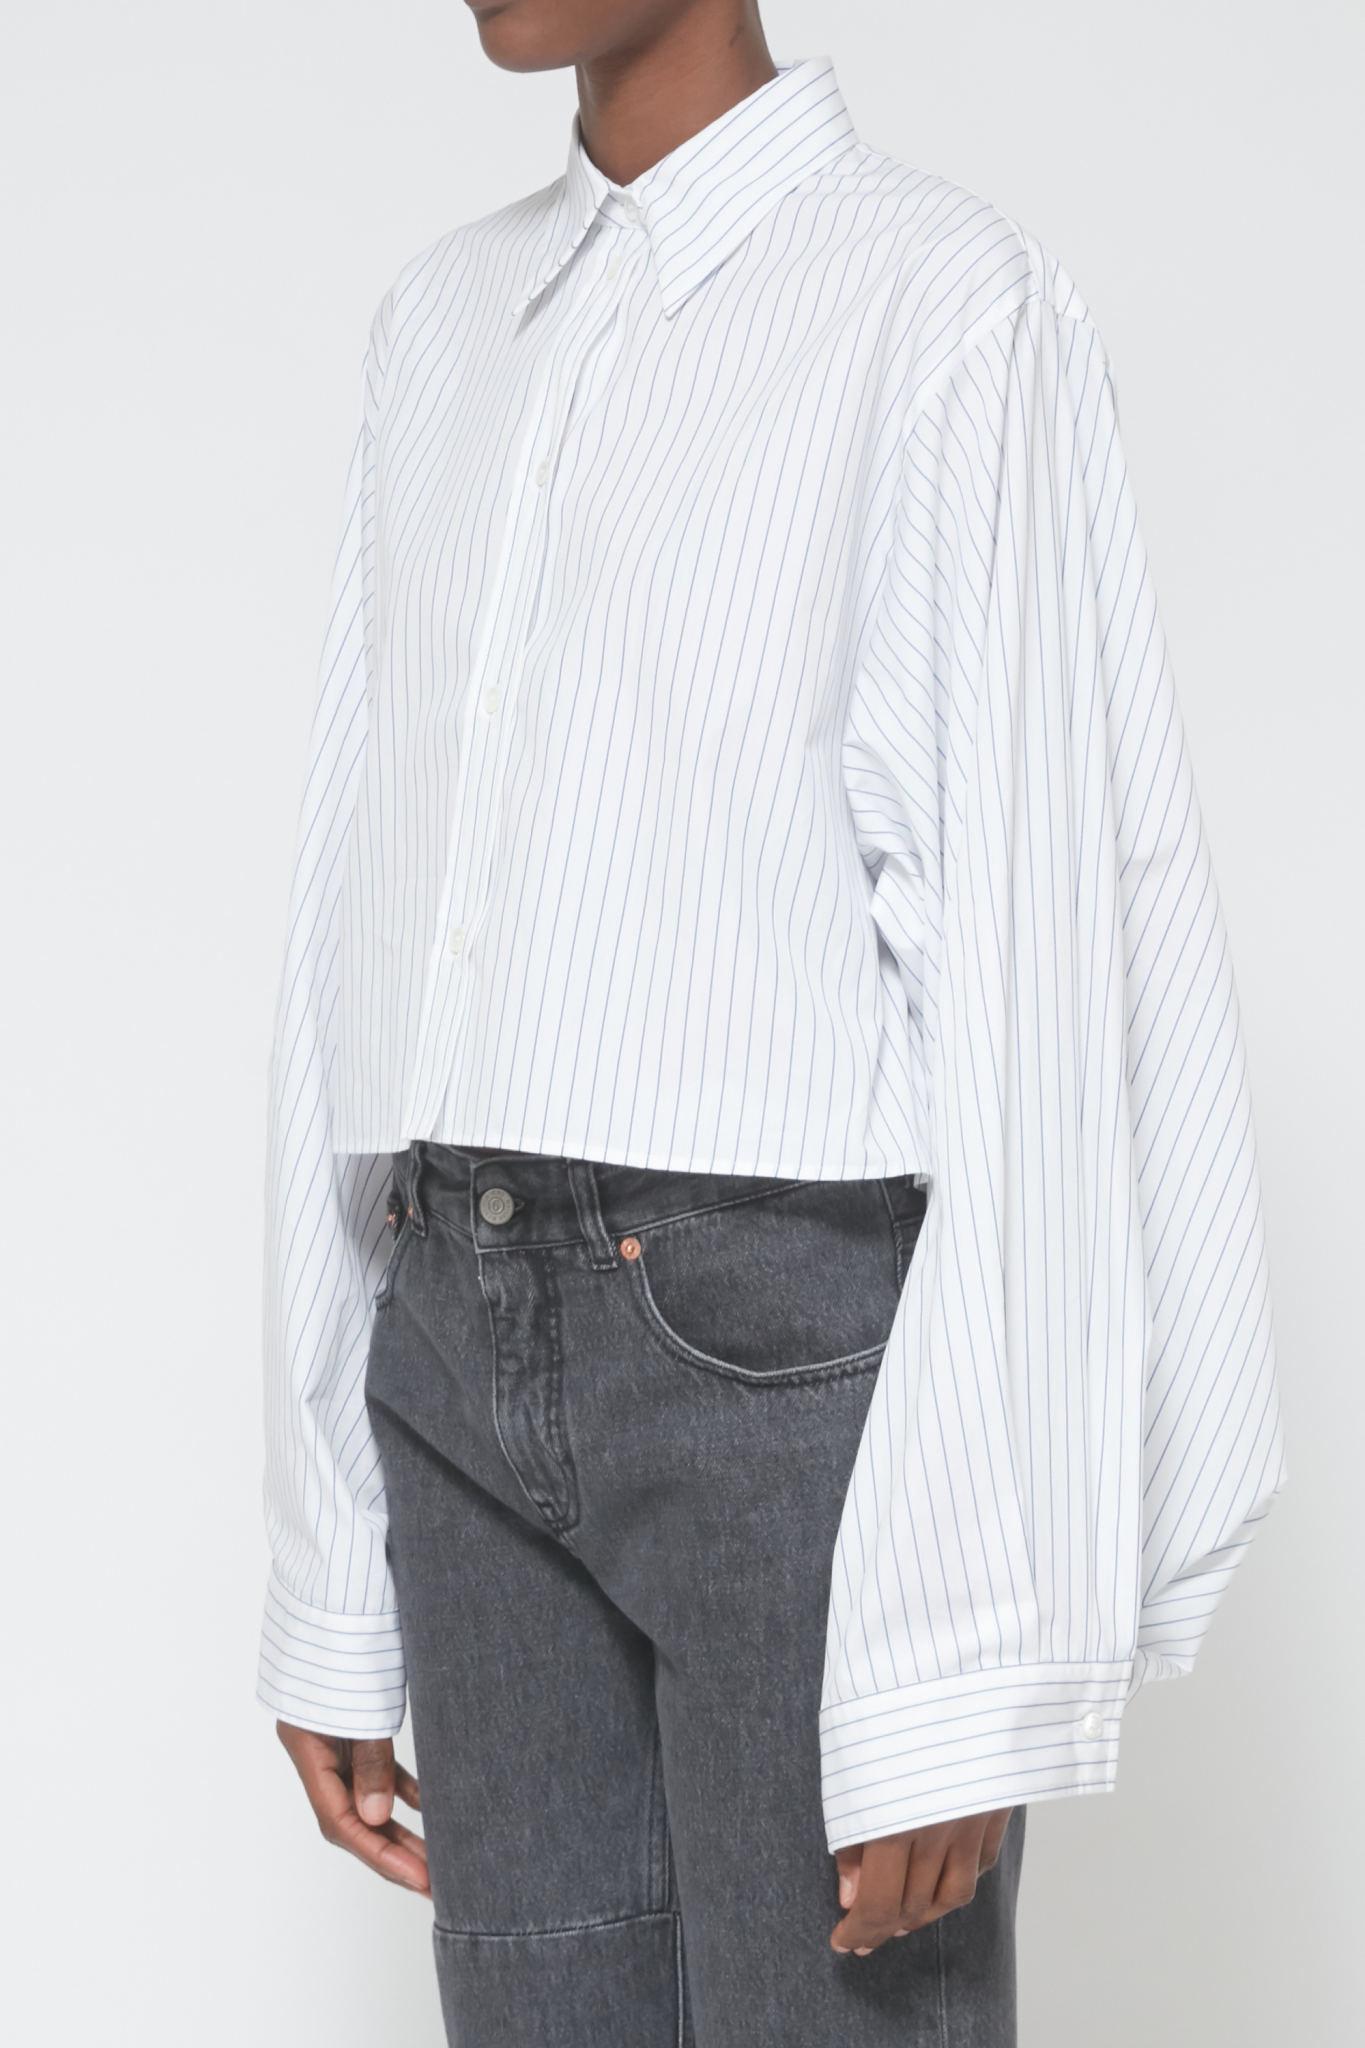 MM6 MAISON MARGIELA Oversized sleeve Cropped Shirt in White/Blue Stripe